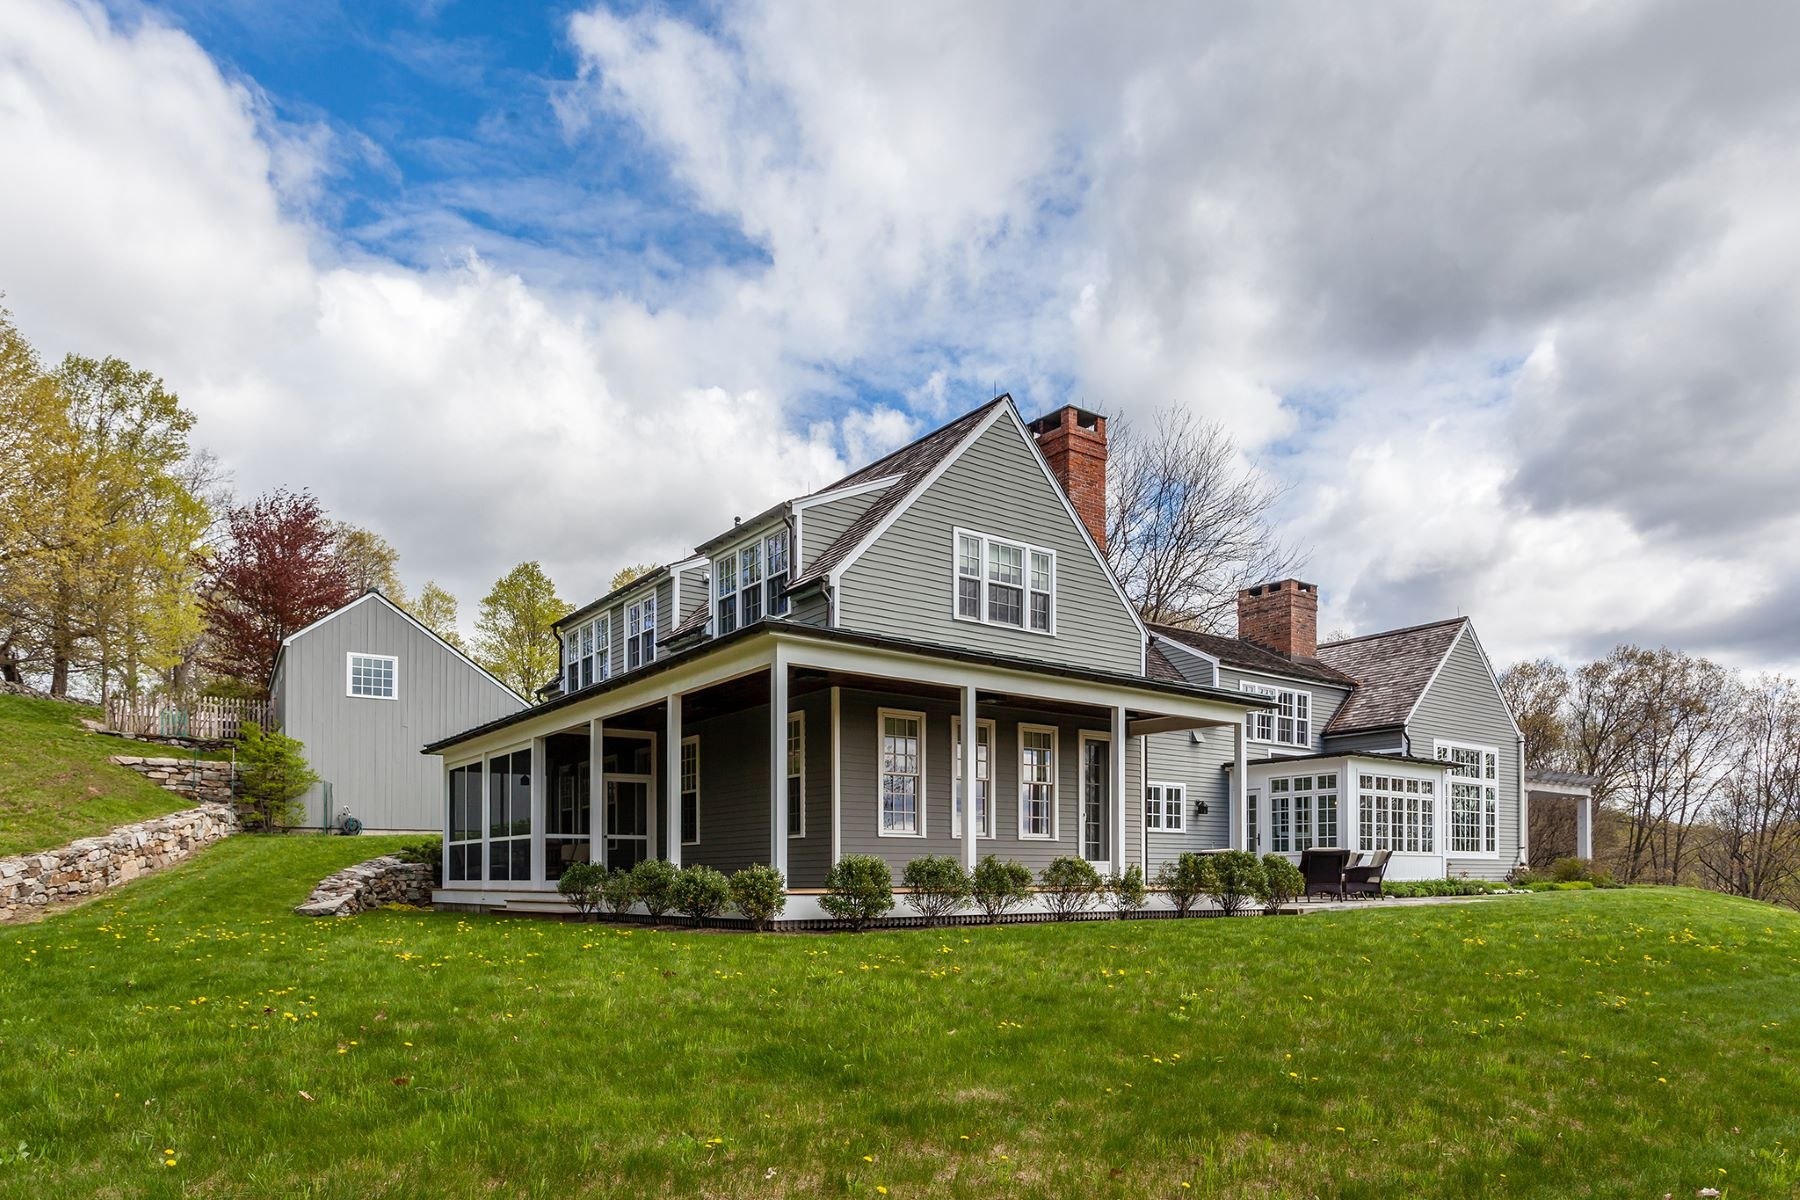 独户住宅 为 销售 在 Contemporary Elegance 152 Ore Hill Rd 肯特, 康涅狄格州, 06785 美国